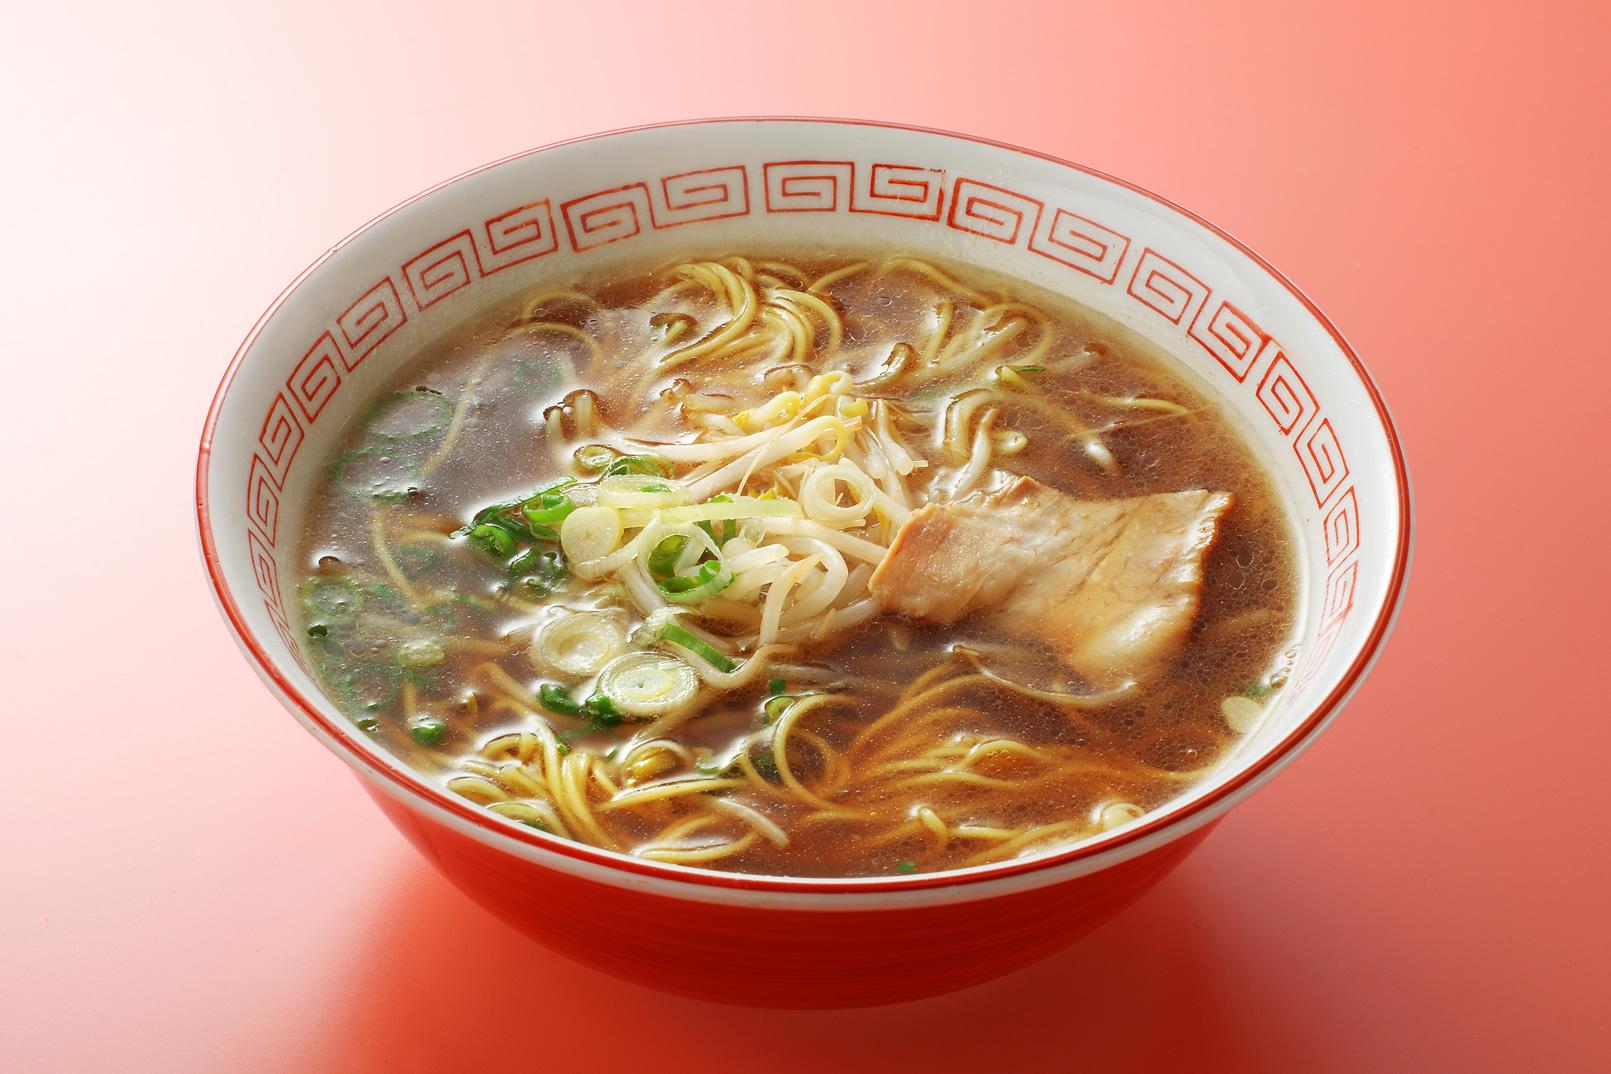 ラーメンの作り方、スープもね♪寒い冬は暖かいラーメンに決まり!のサムネイル画像